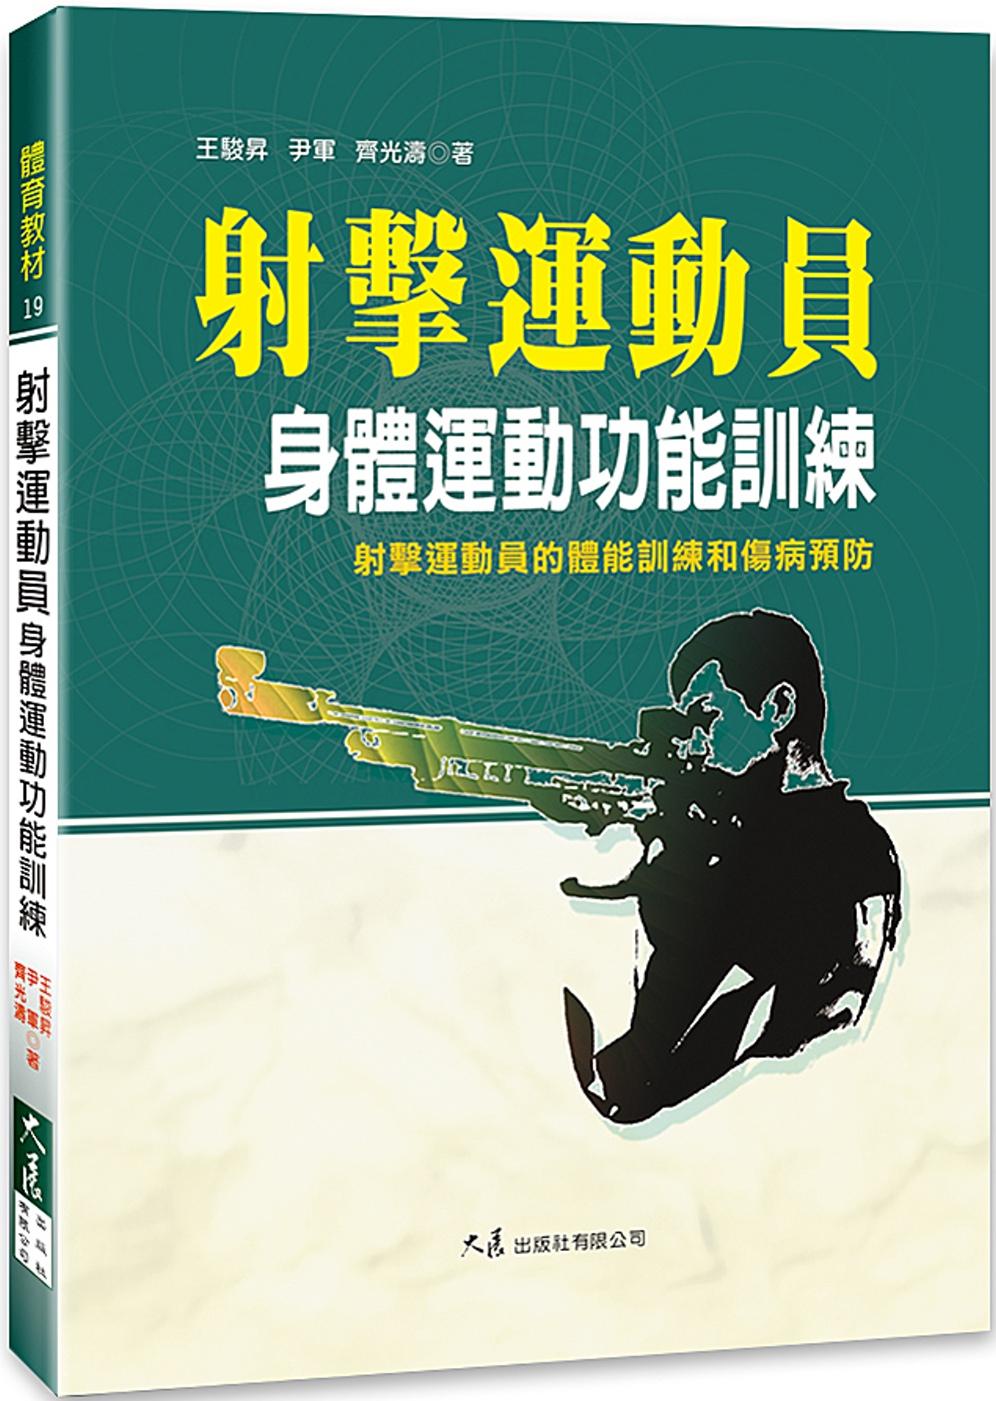 射擊運動員身體運動功能訓練